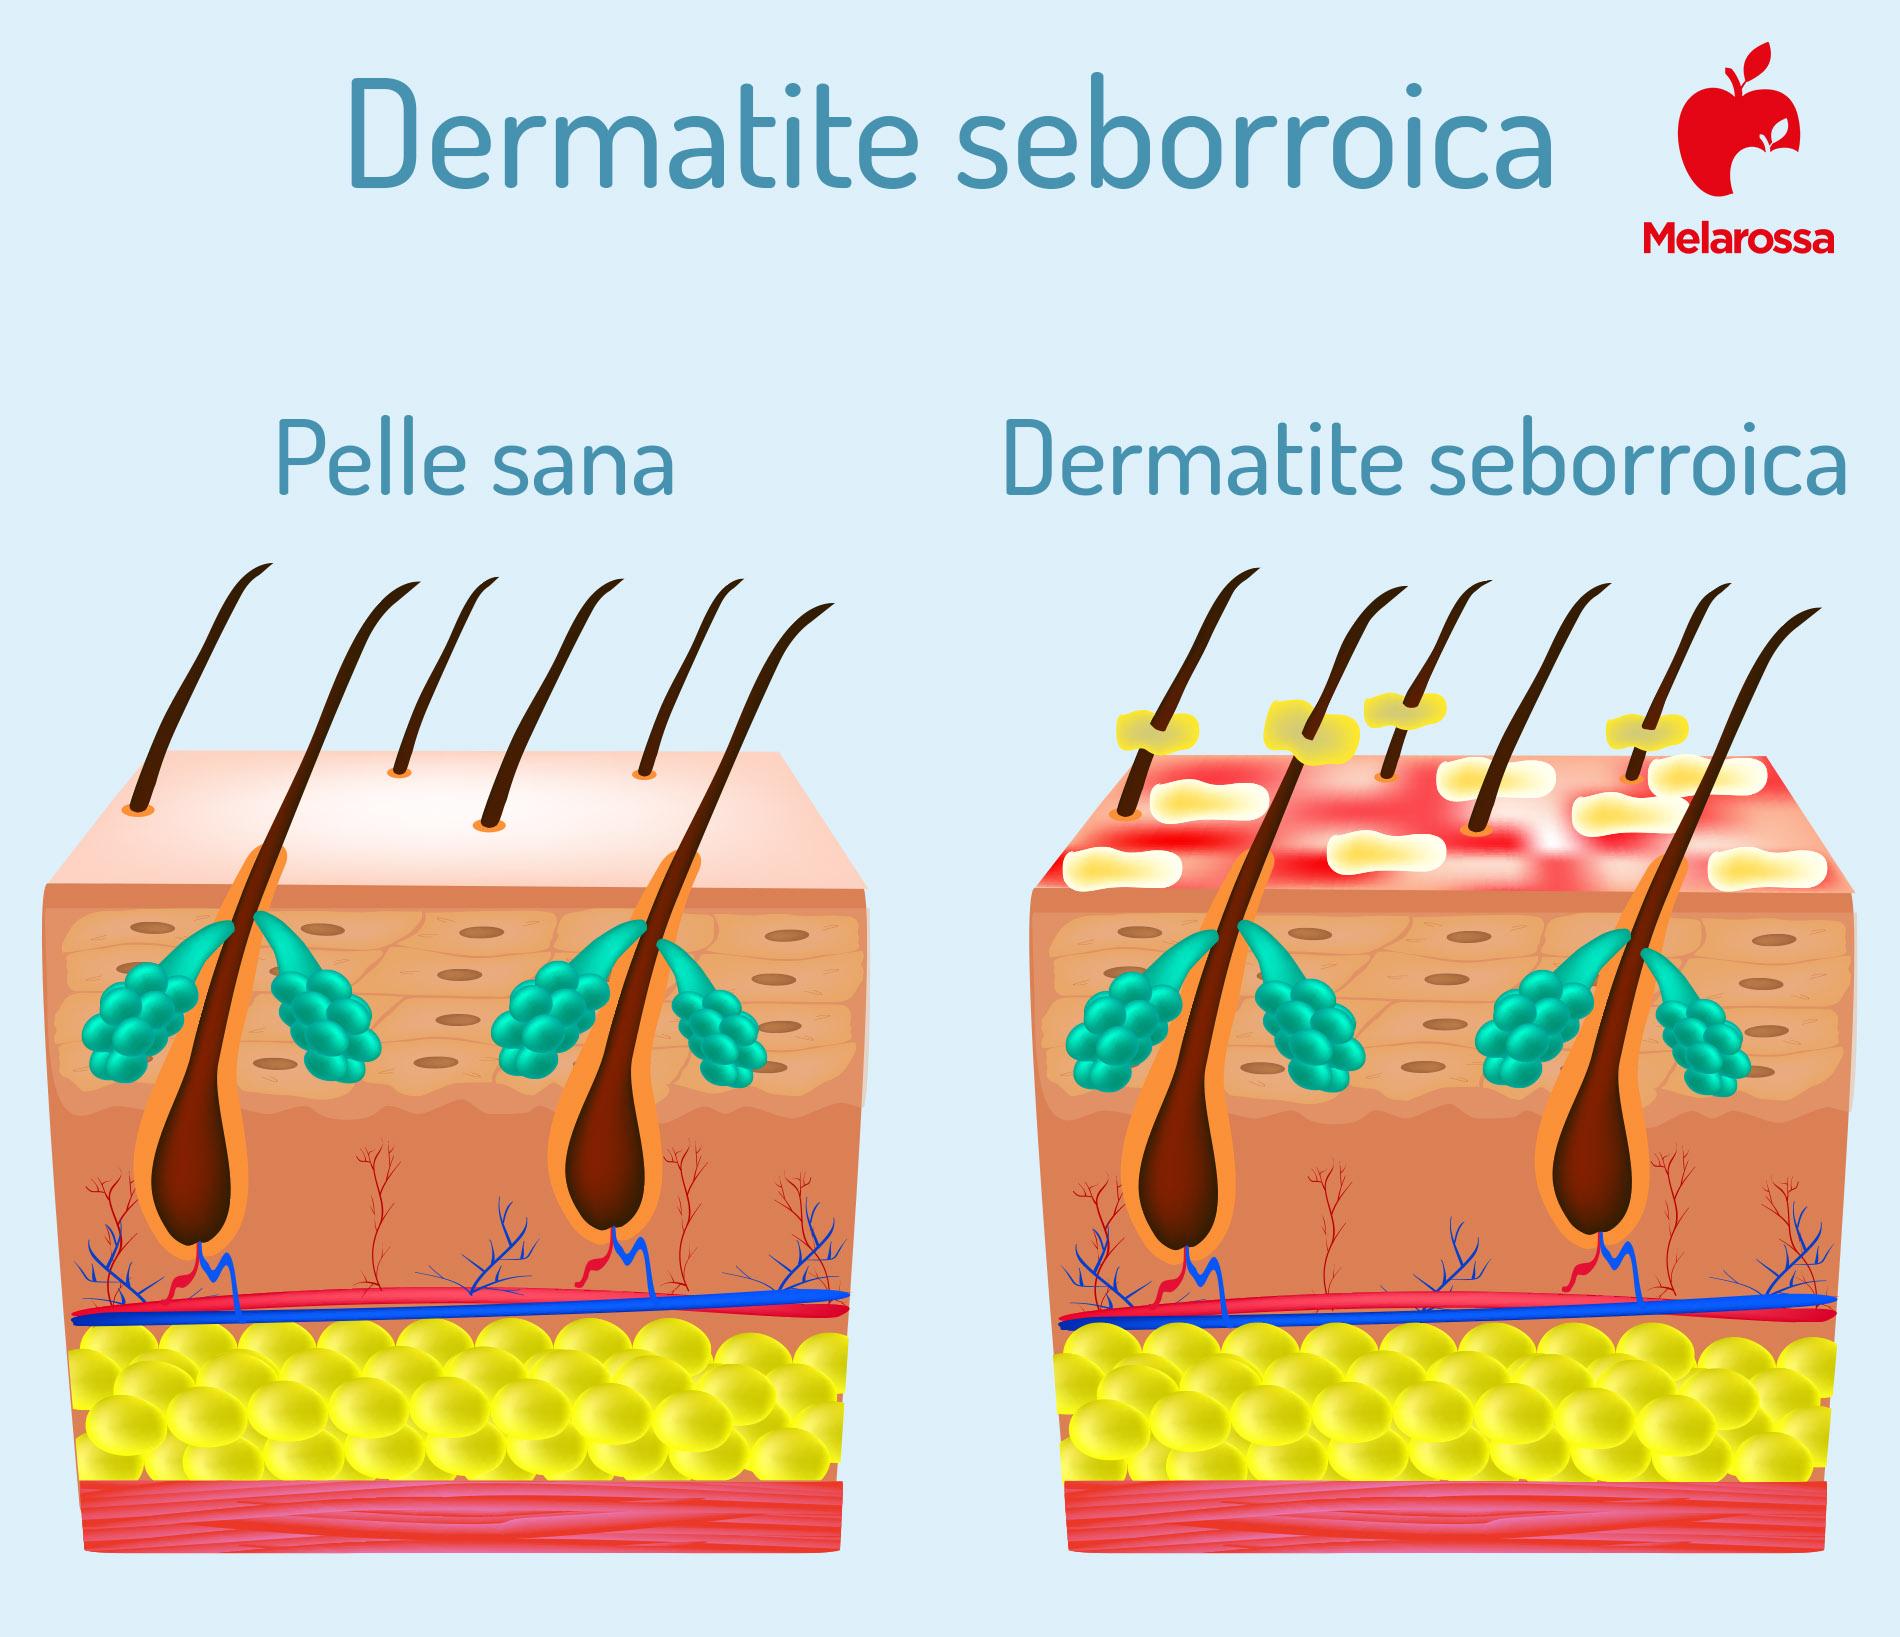 dermatite seborroica: cos'è